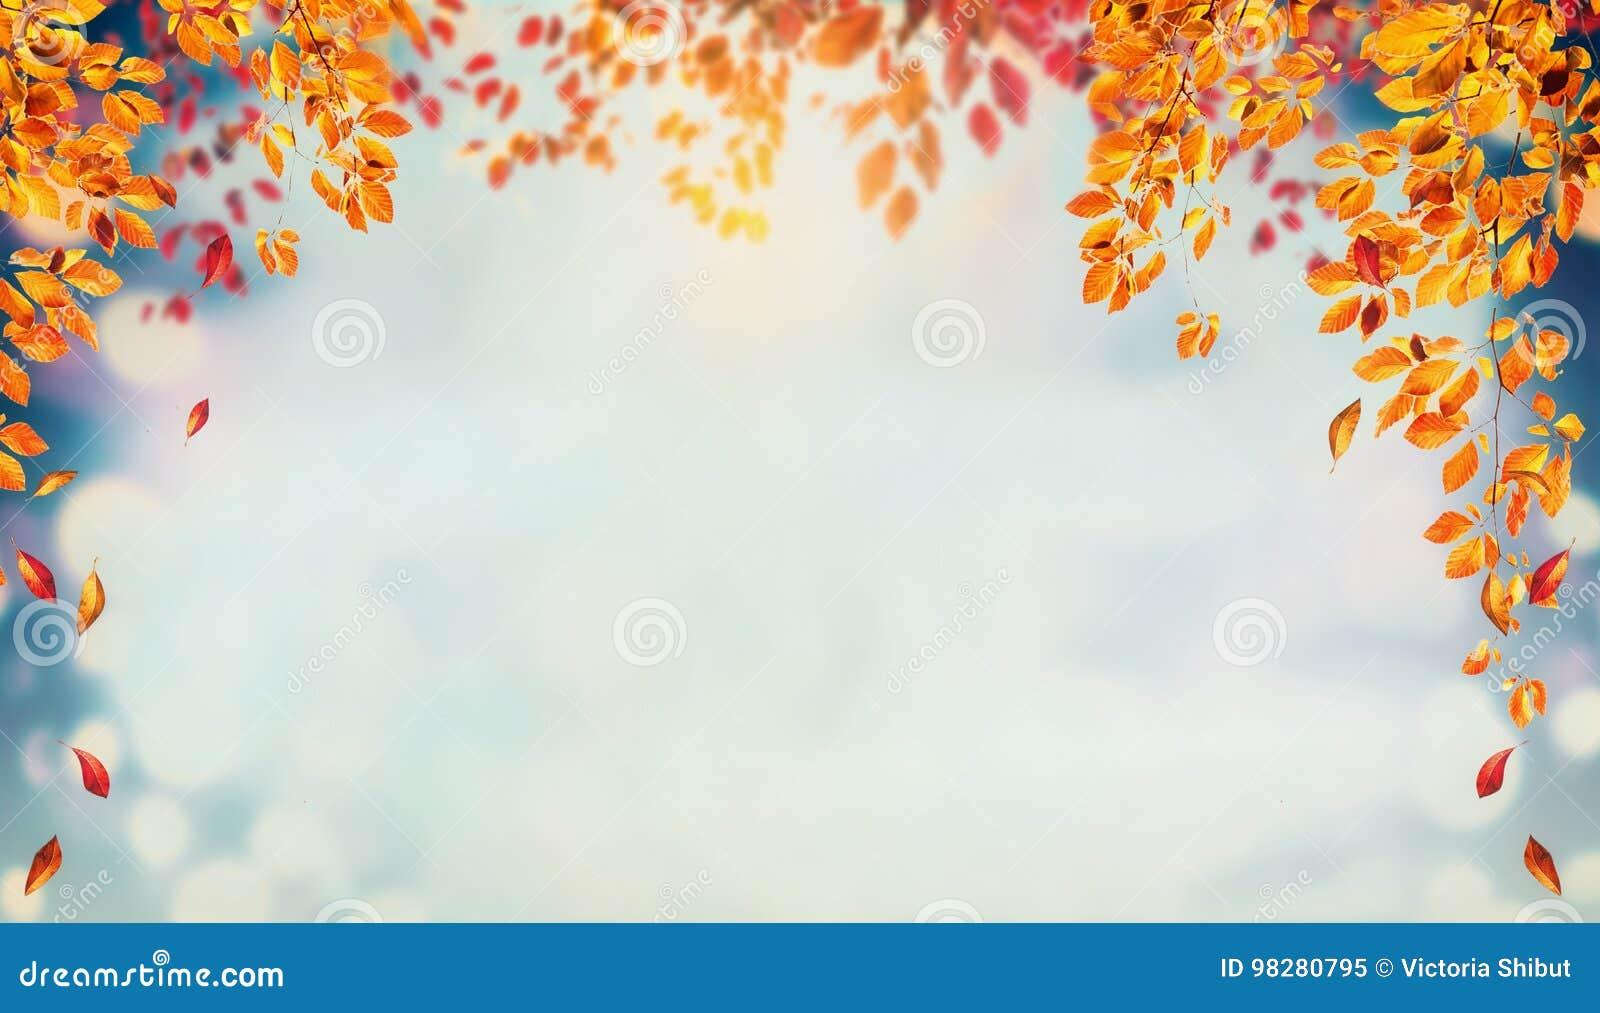 O fundo bonito da folha do outono com refeições matinais e a árvore de queda sae no céu